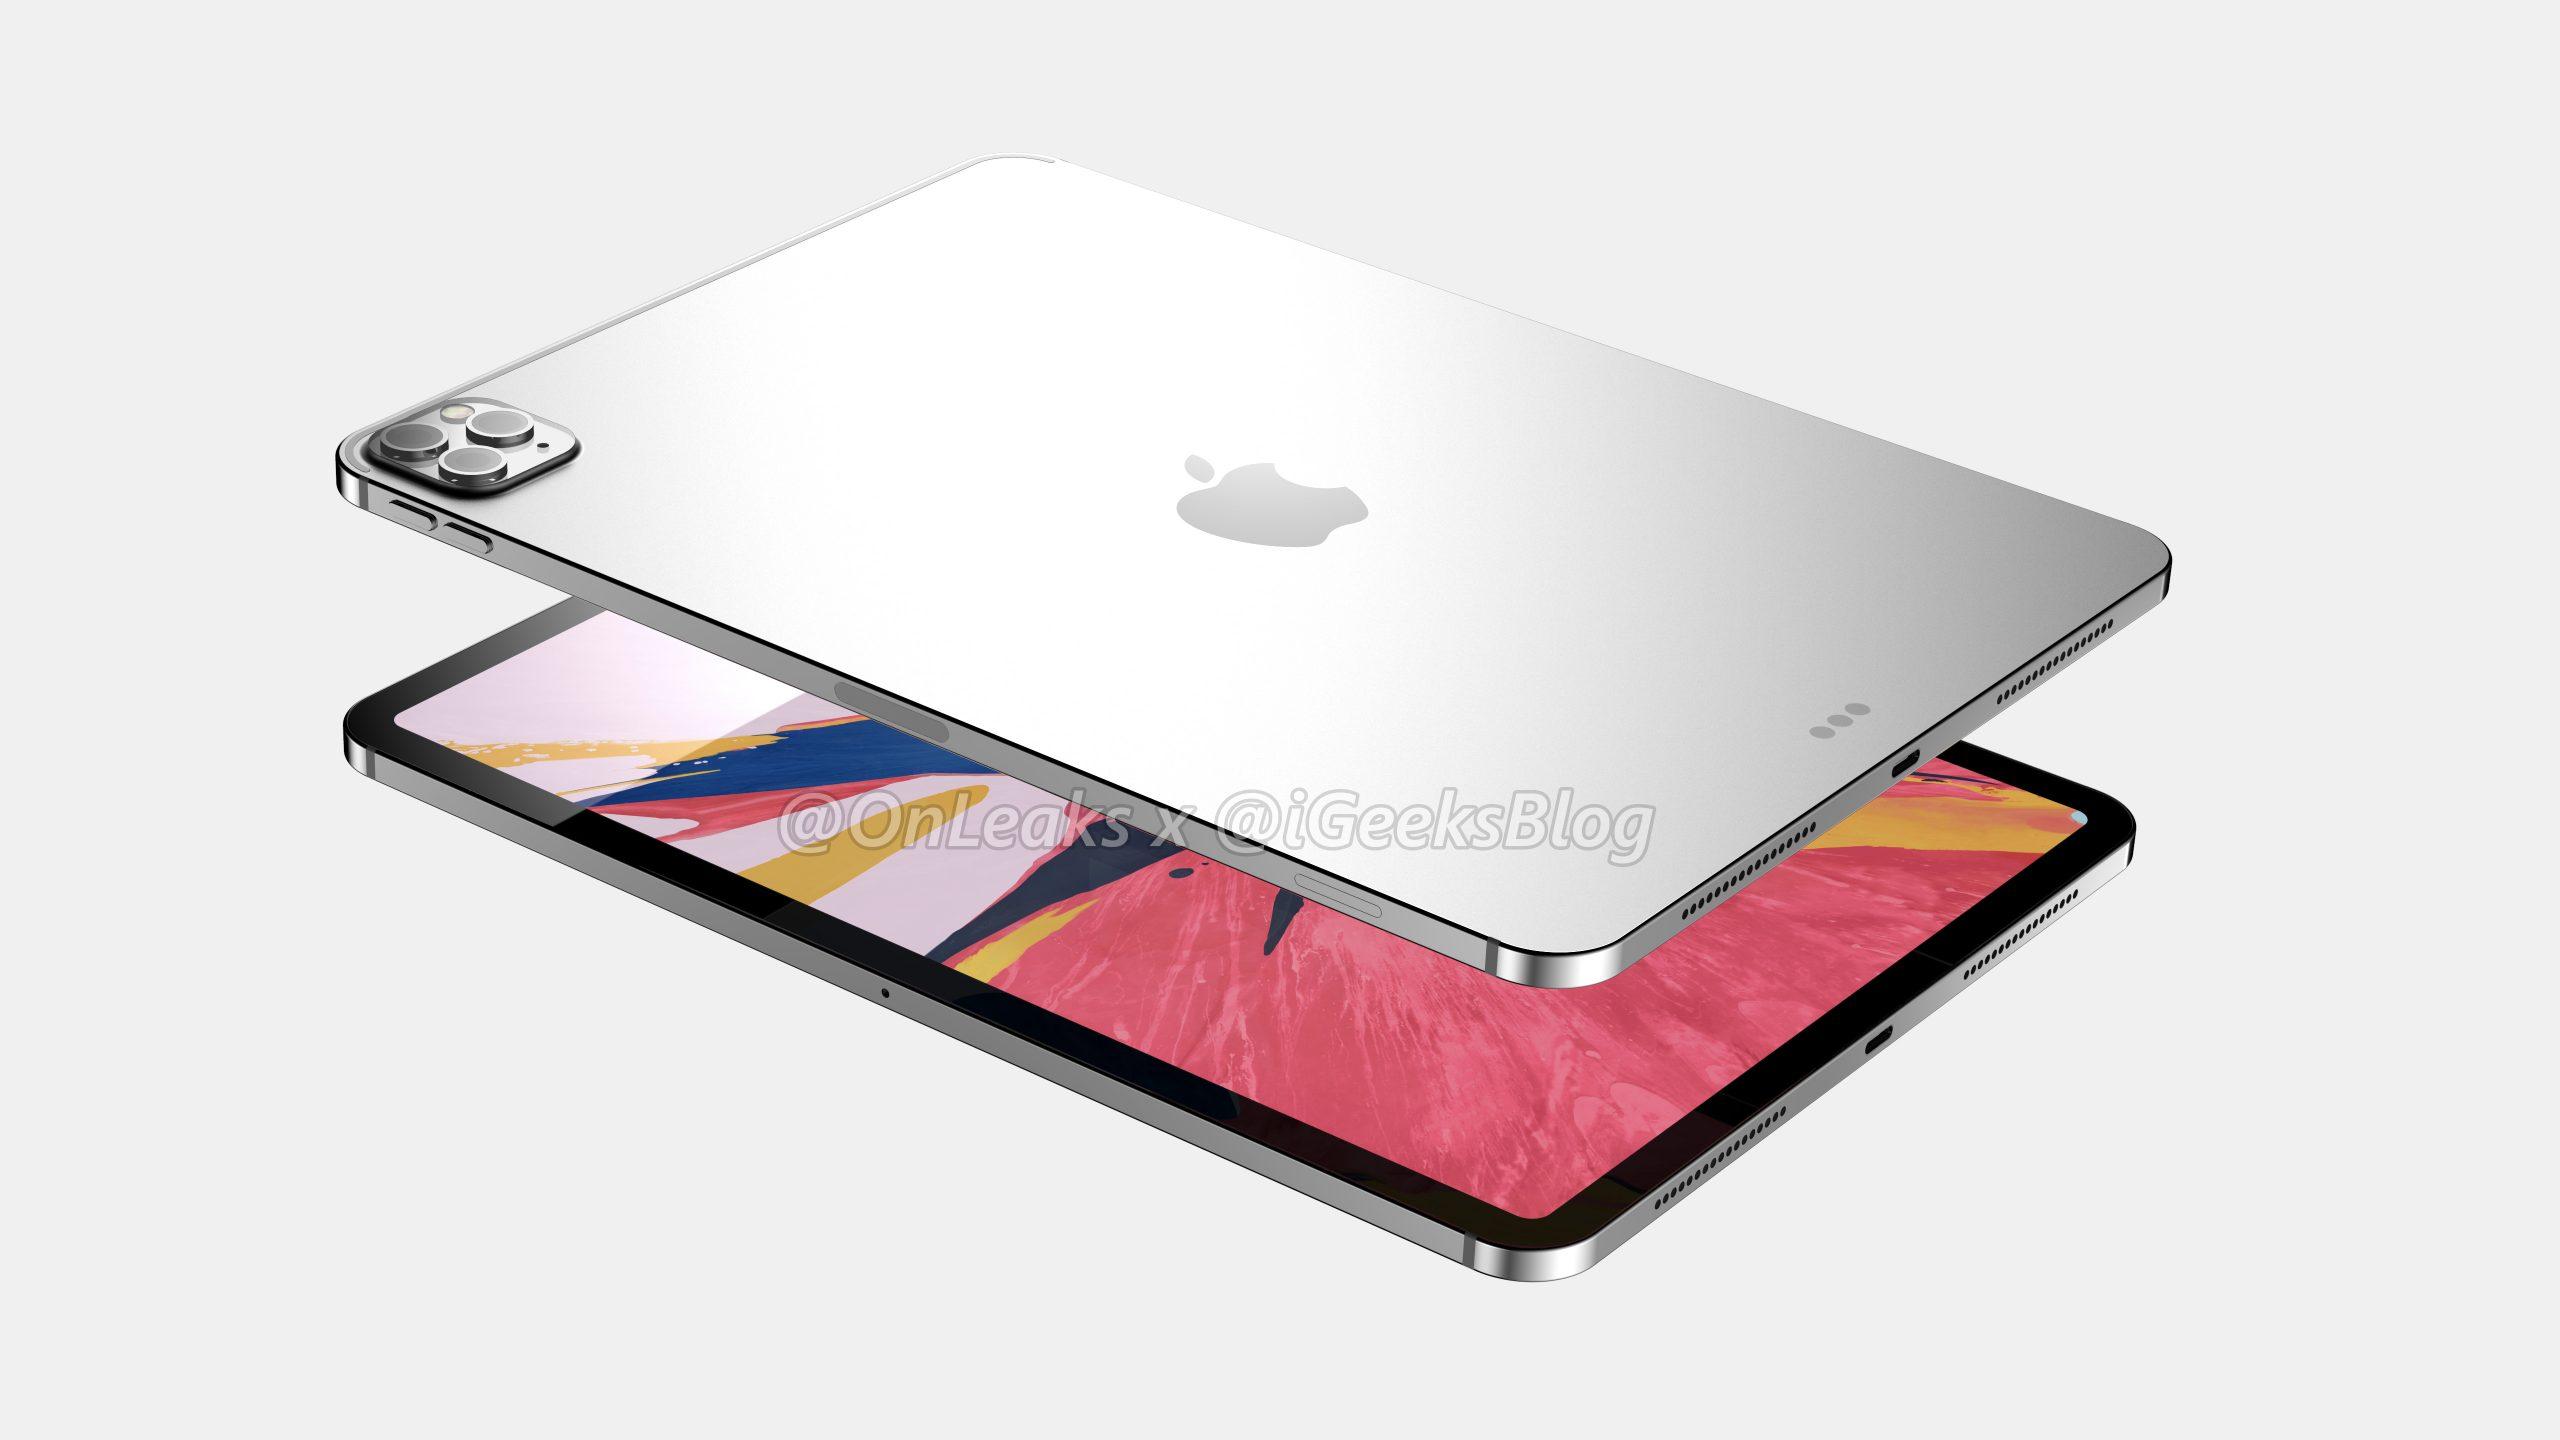 RCS sur Samsung Messages, iPad Pro 2020 et fin du réseau cuivre Orange – Tech'spresso